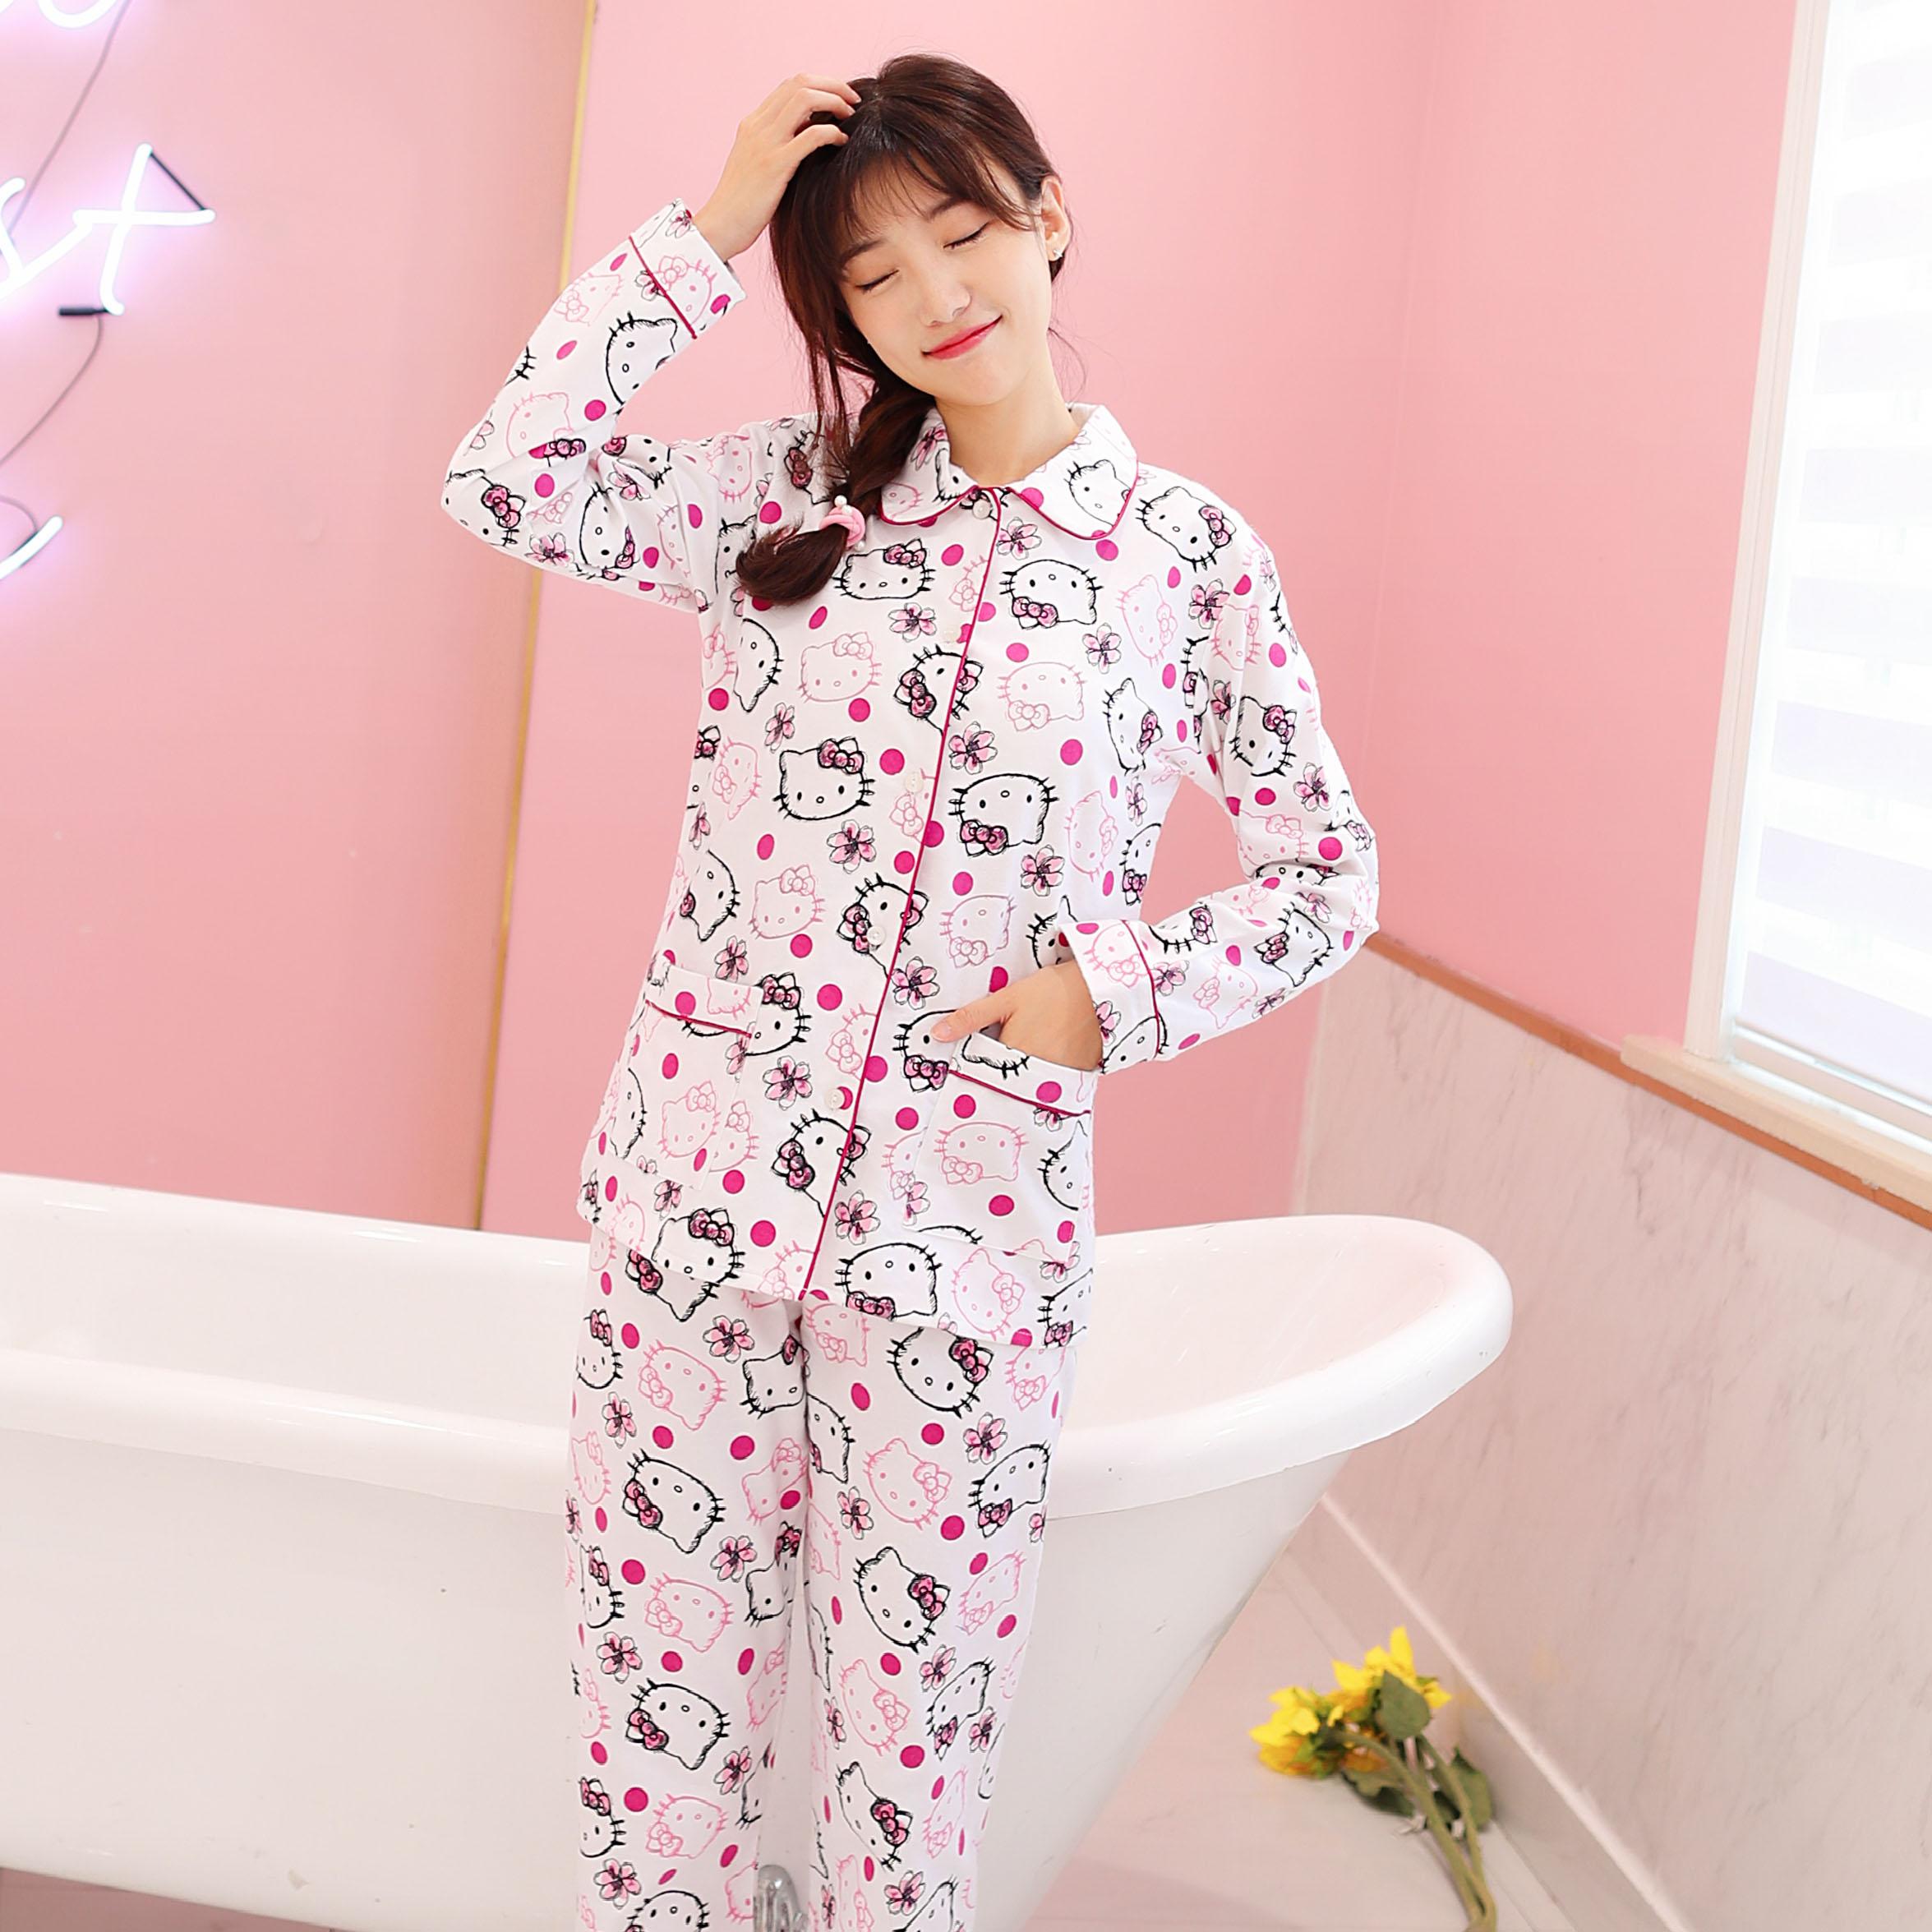 HELLO KITTY凯蒂猫 秋冬纯棉女式 家居服绒布睡衣 2件套装长袖